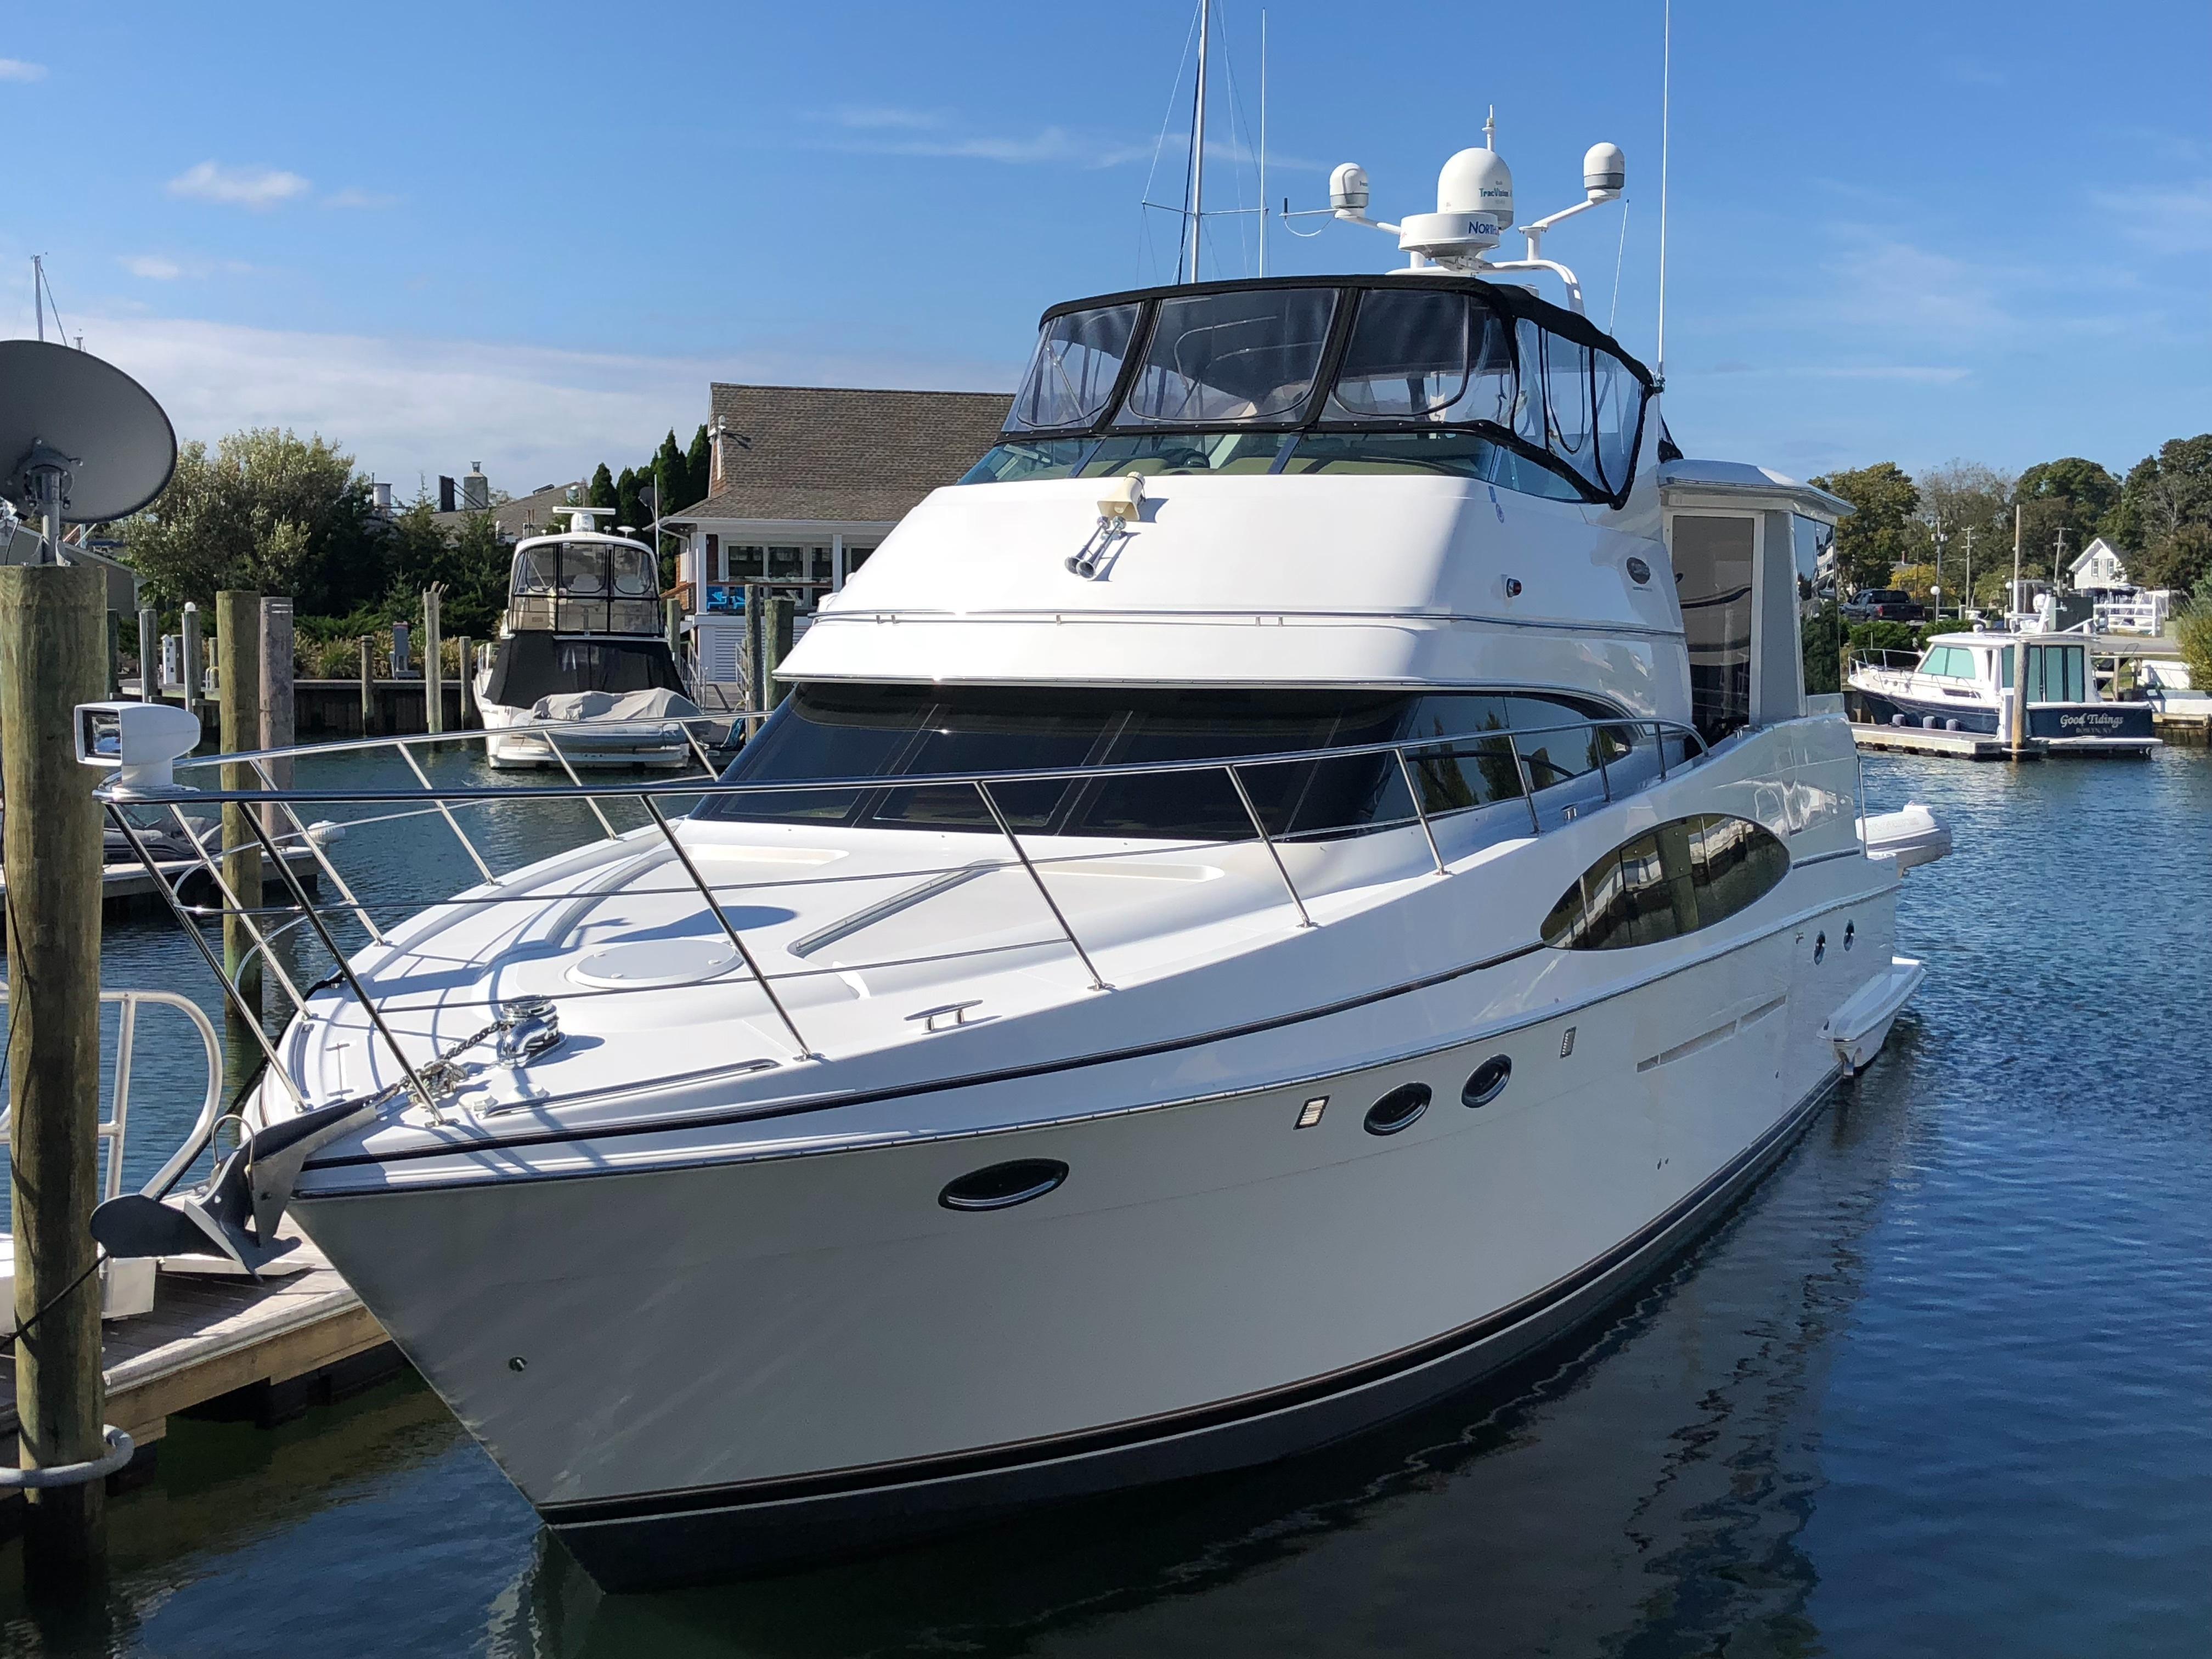 56 ft Carver 564 Cockpit Motor Yacht